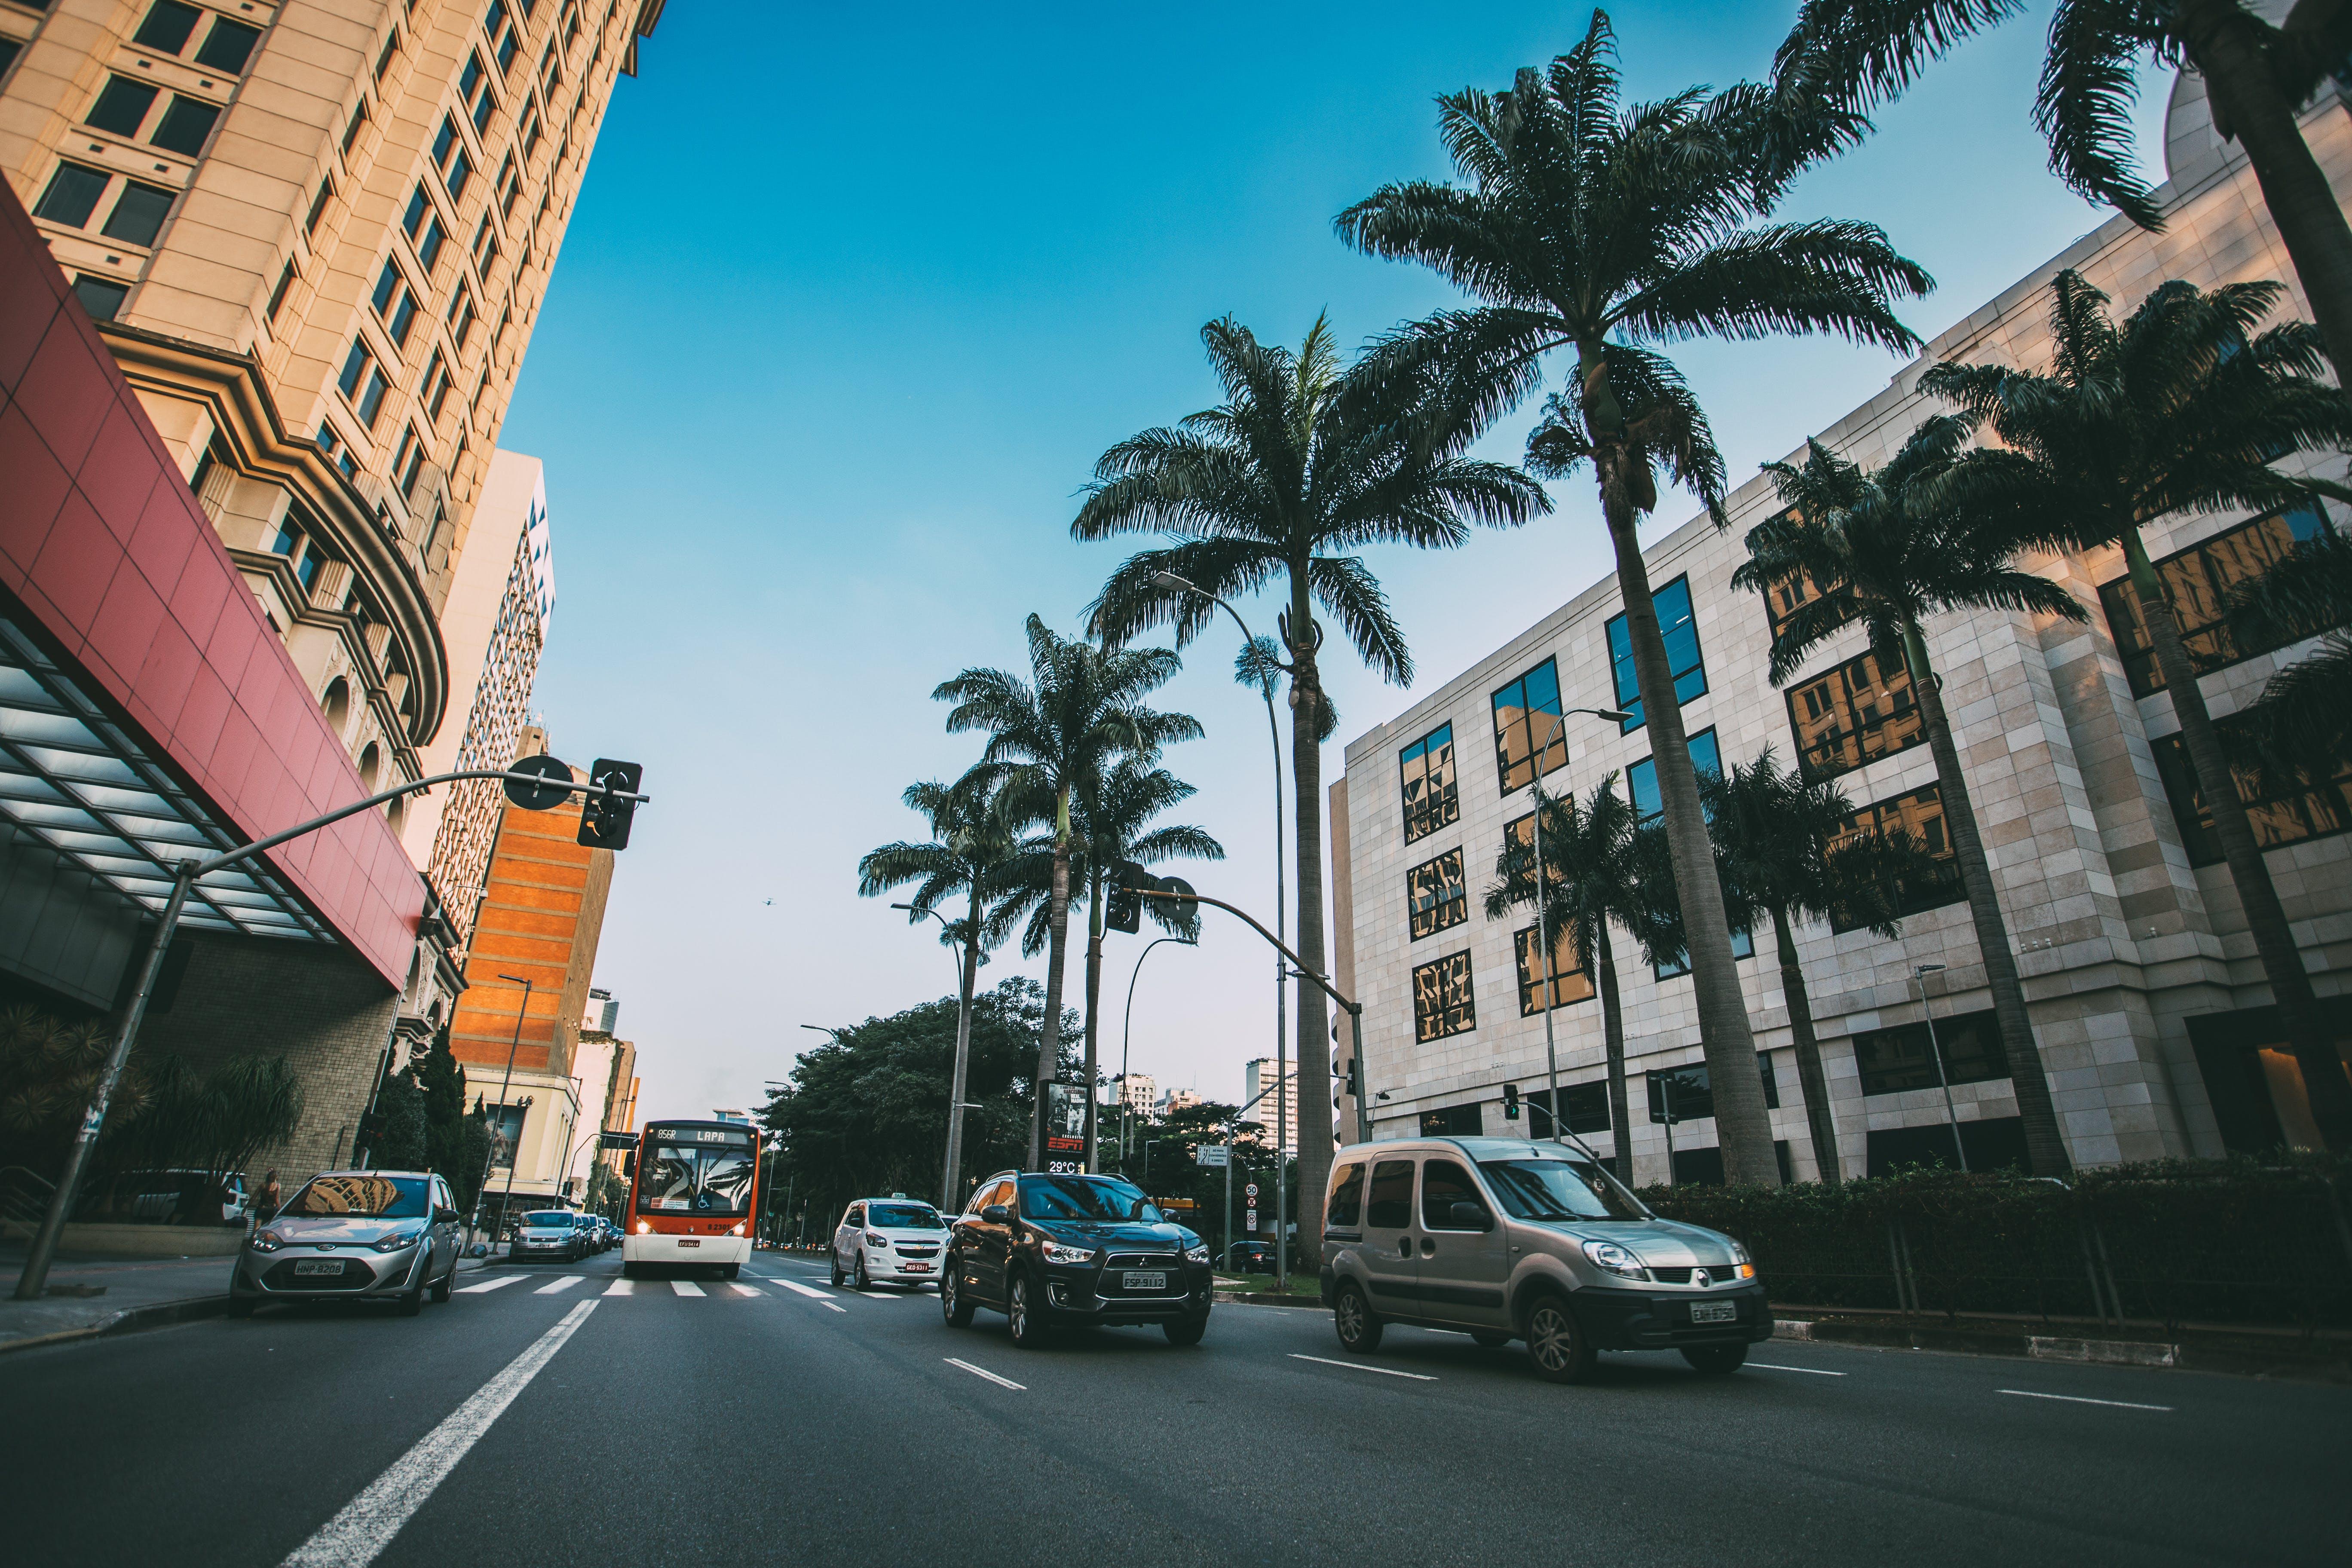 Kostnadsfri bild av bilar, fordon, gata, stad